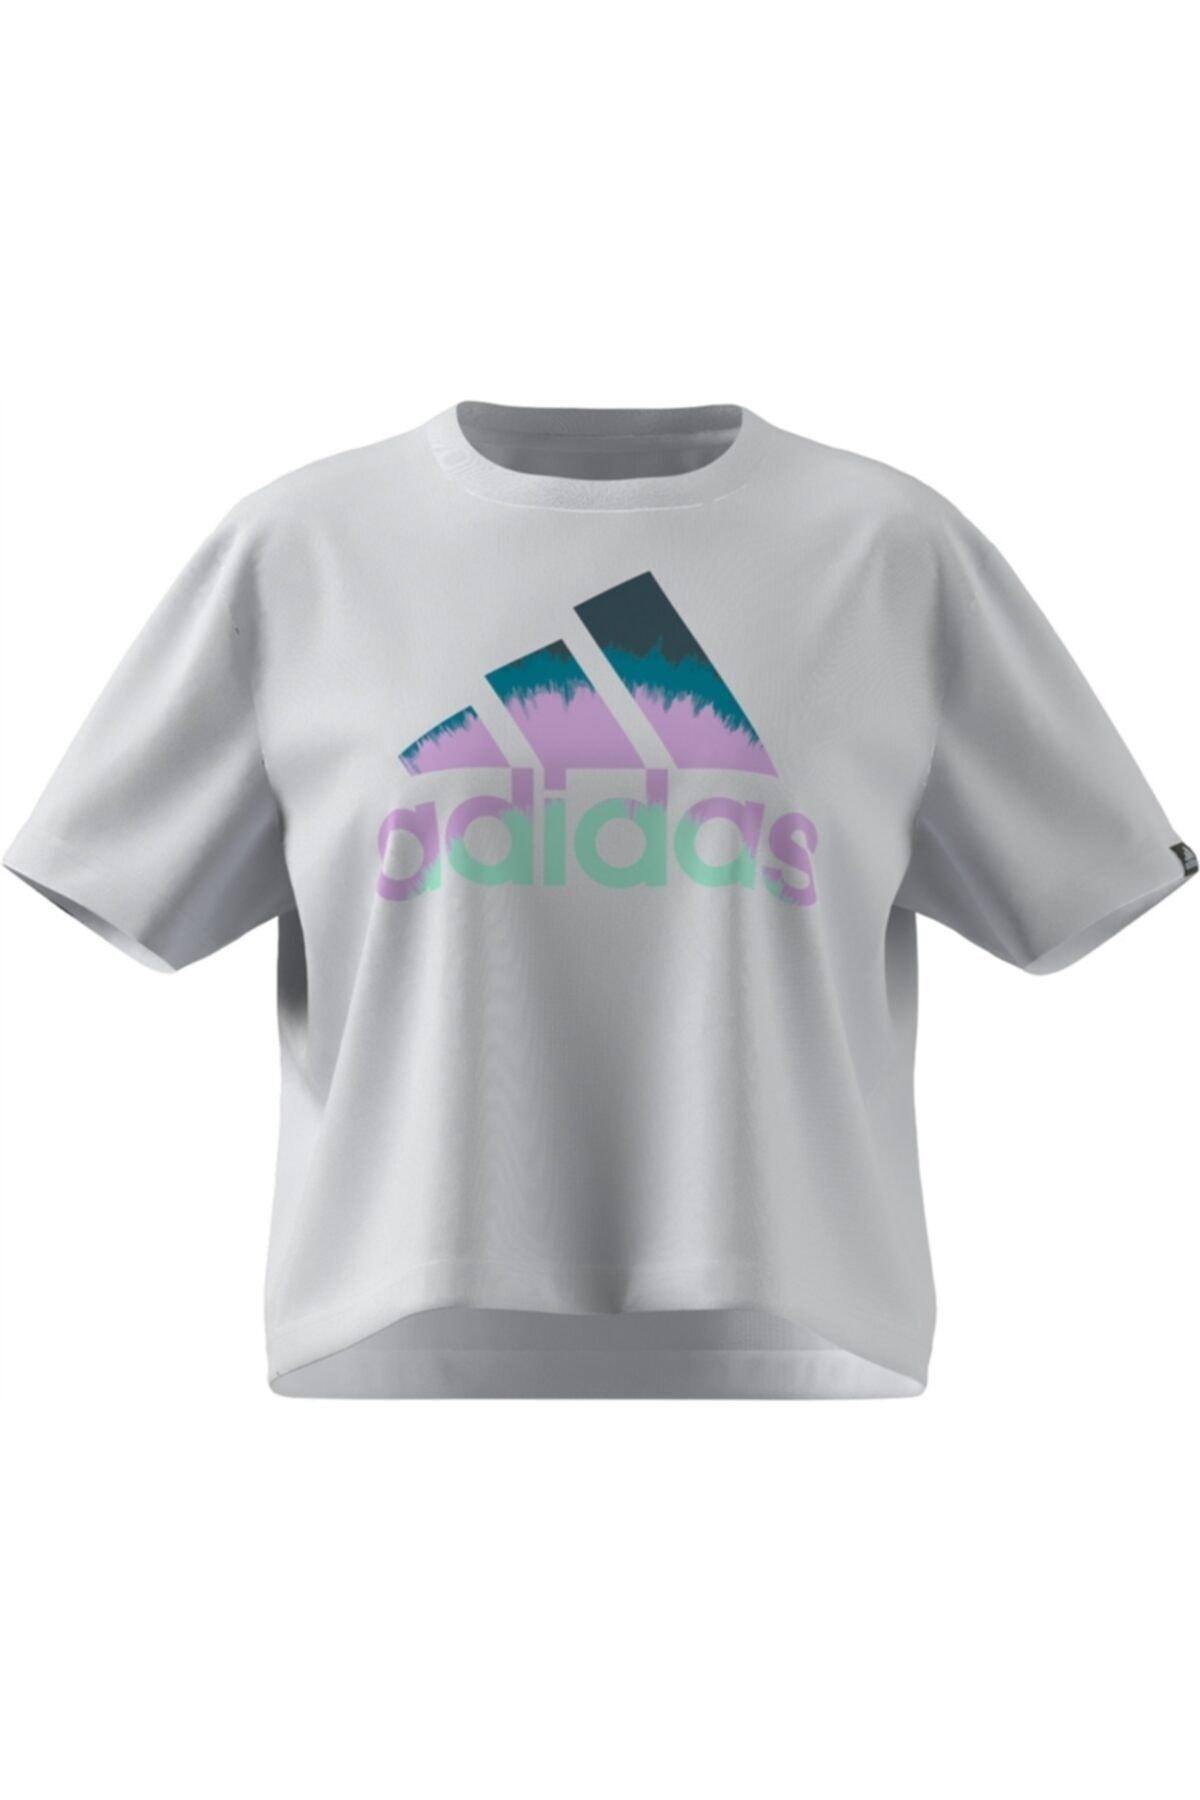 خرید انلاین تیشرت ورزشی طرح دار برند آدیداس کد ty81400238